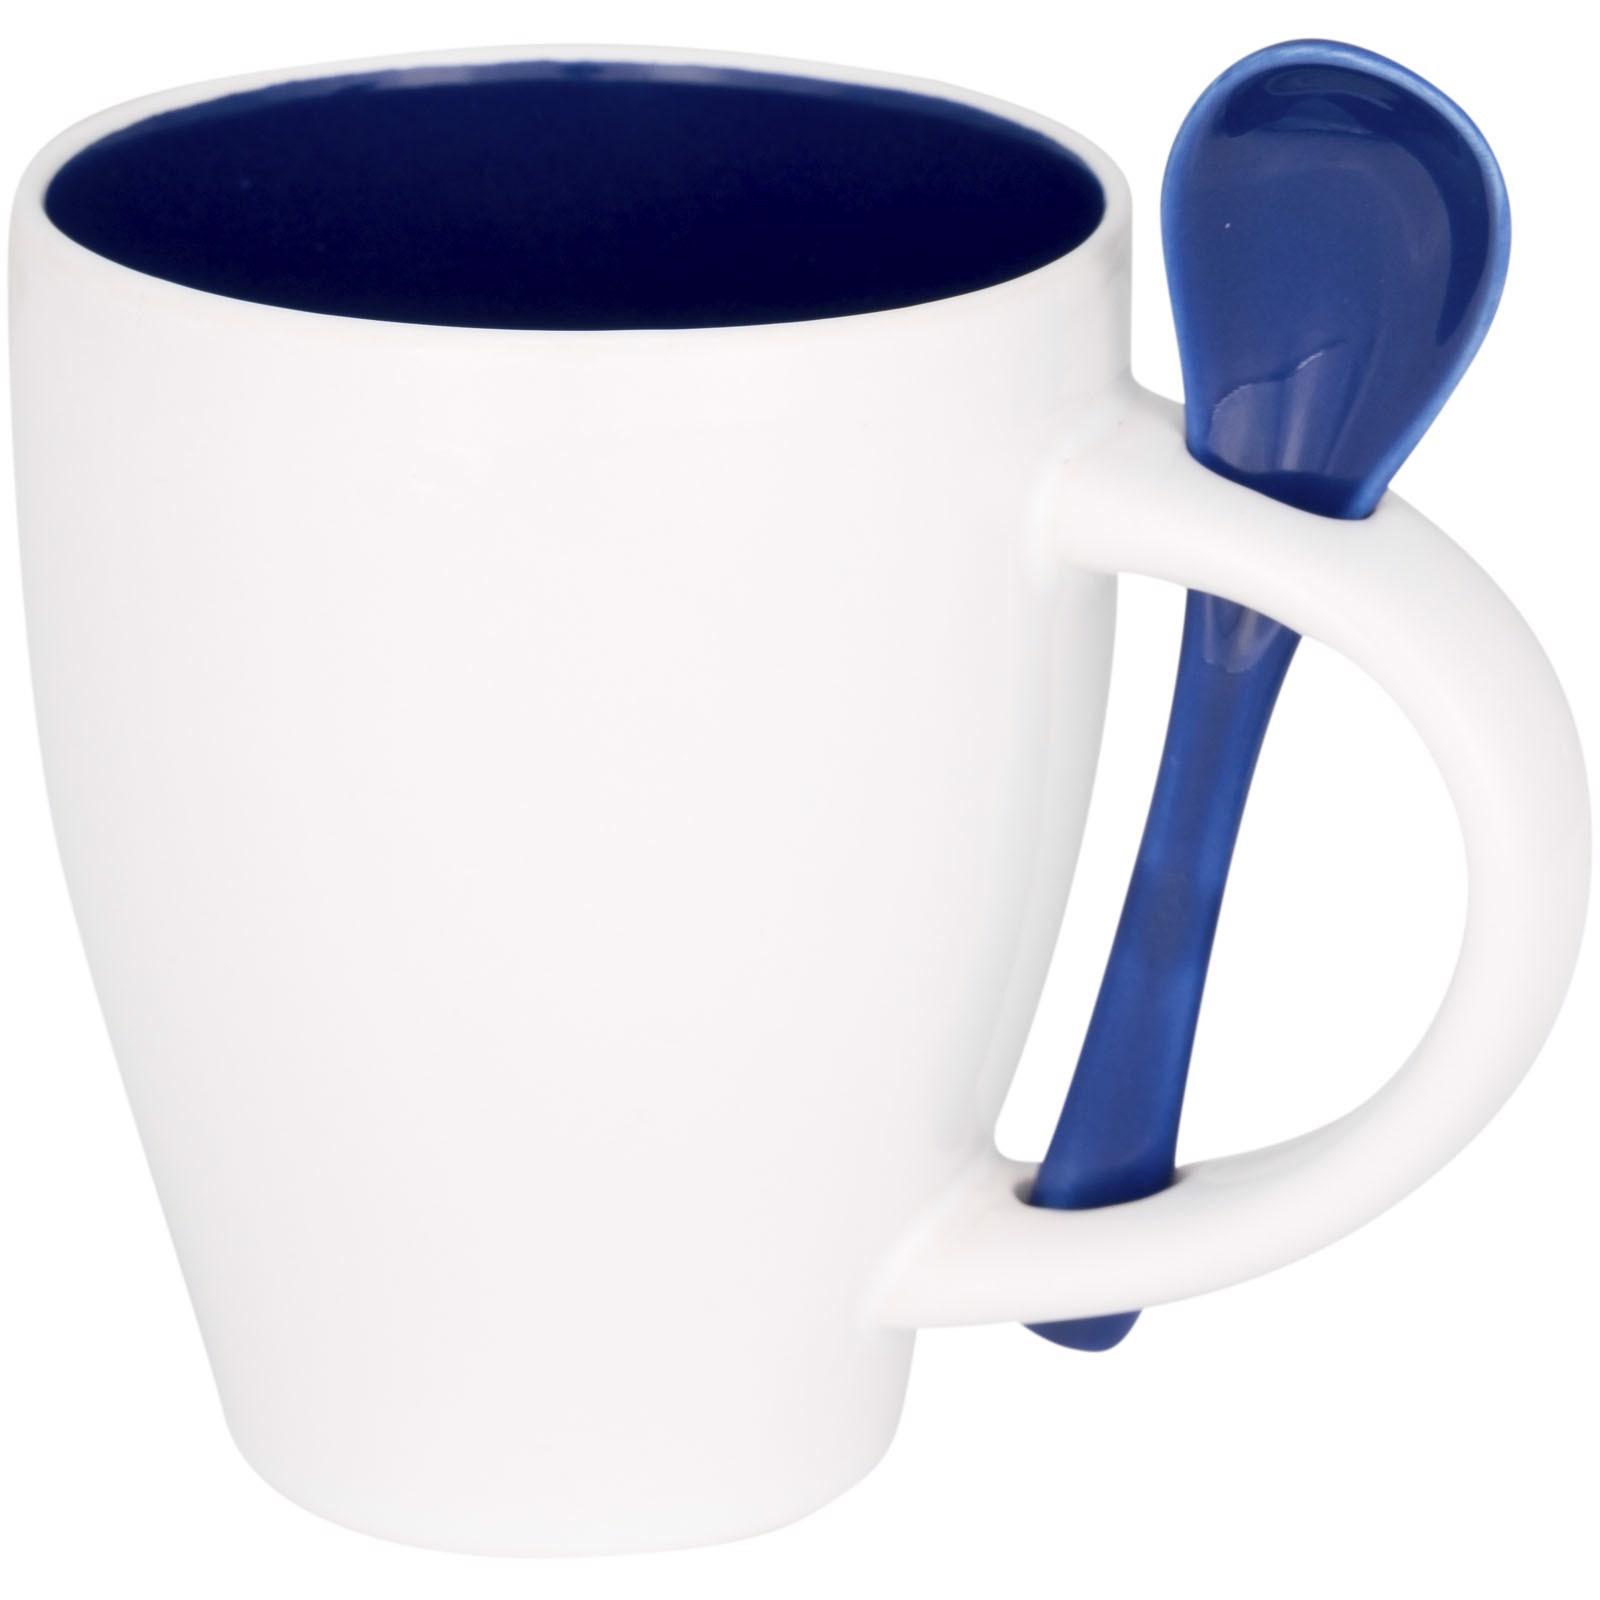 Nadu hrnek se lžičkou - Modrá